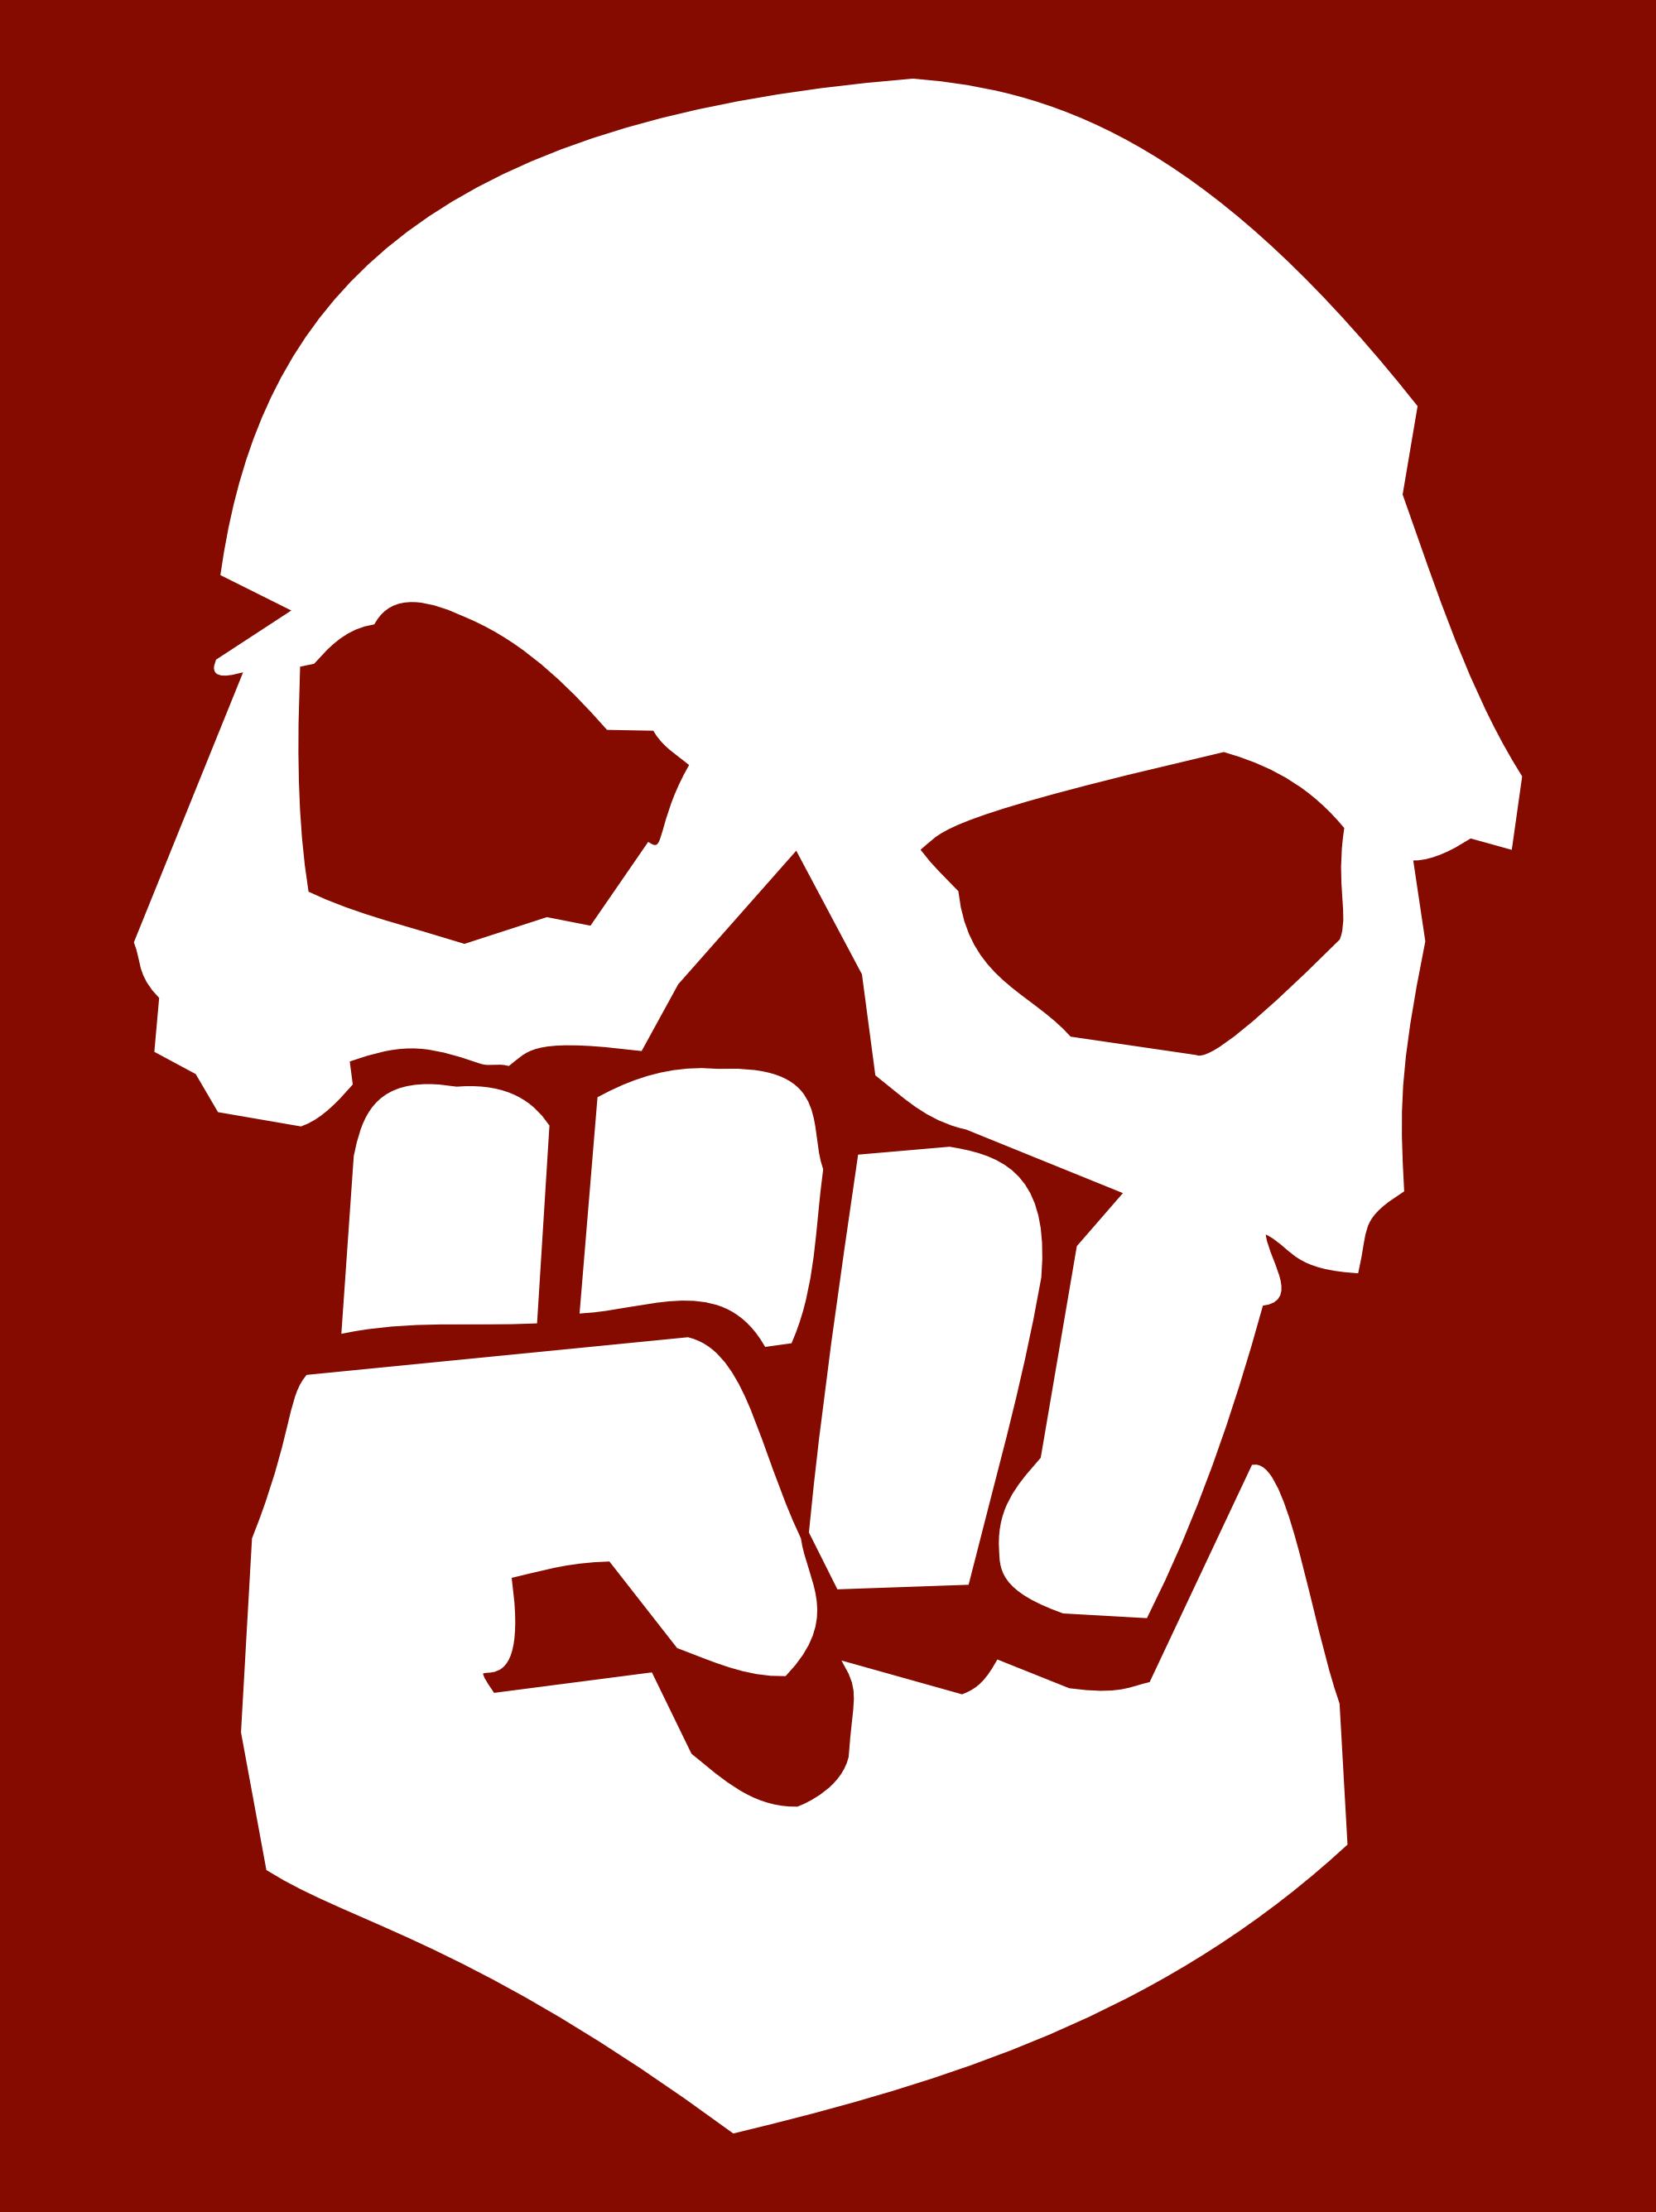 blood pack logo by nimblejack3 on deviantart